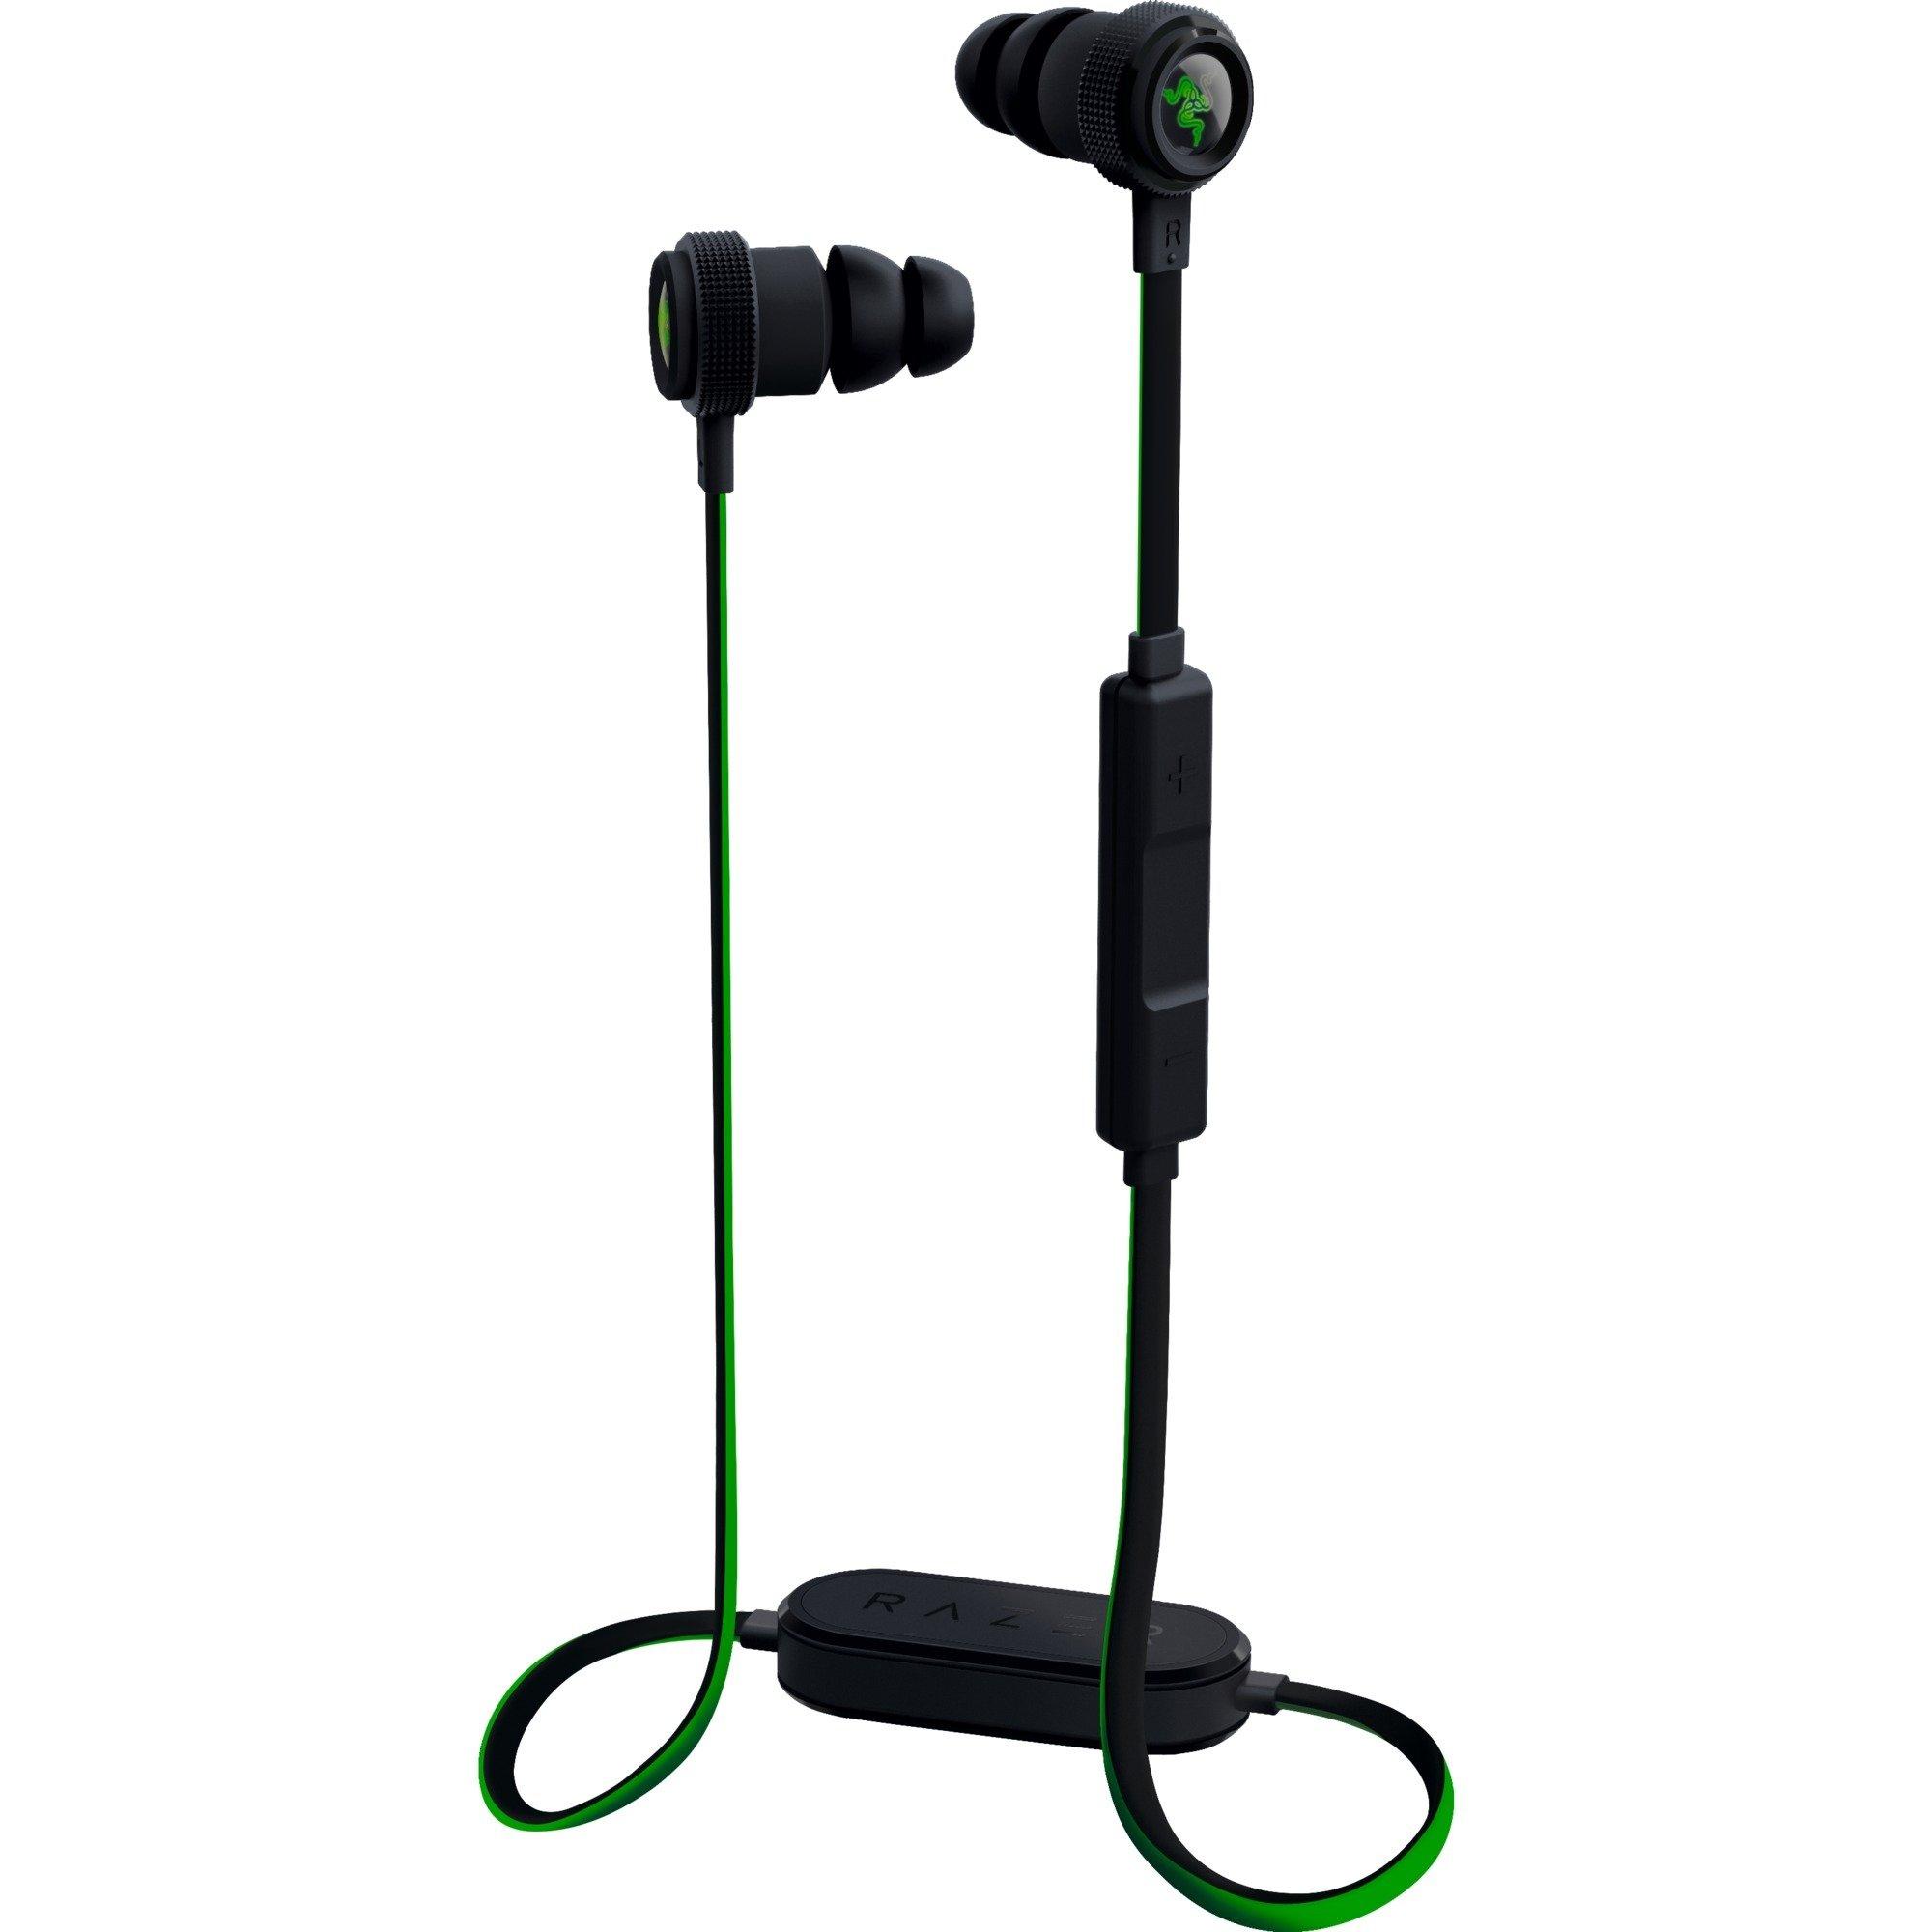 Hammerhead BT écouteur Binaural Sans fil Noir, Vert casque et micro, Casque d'écoute